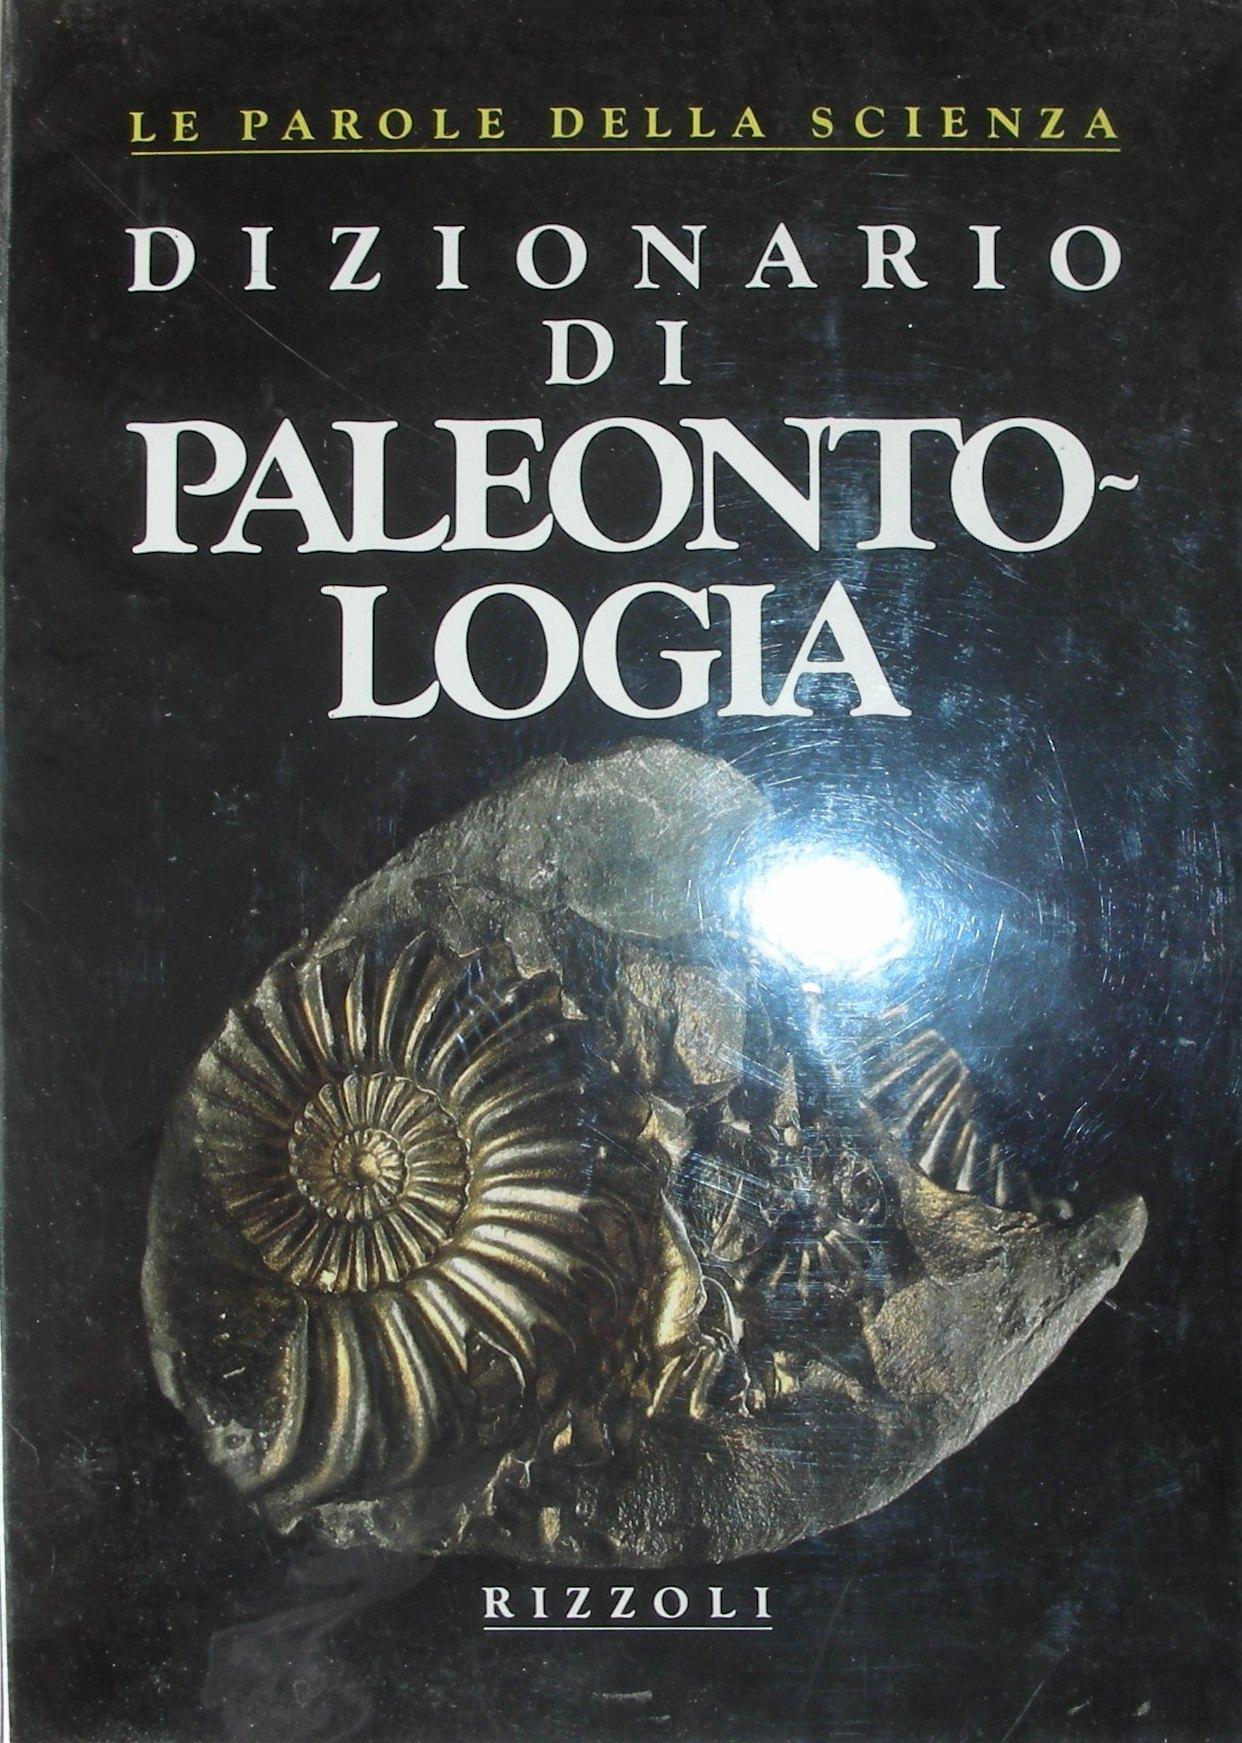 Dizionario di paleontologia